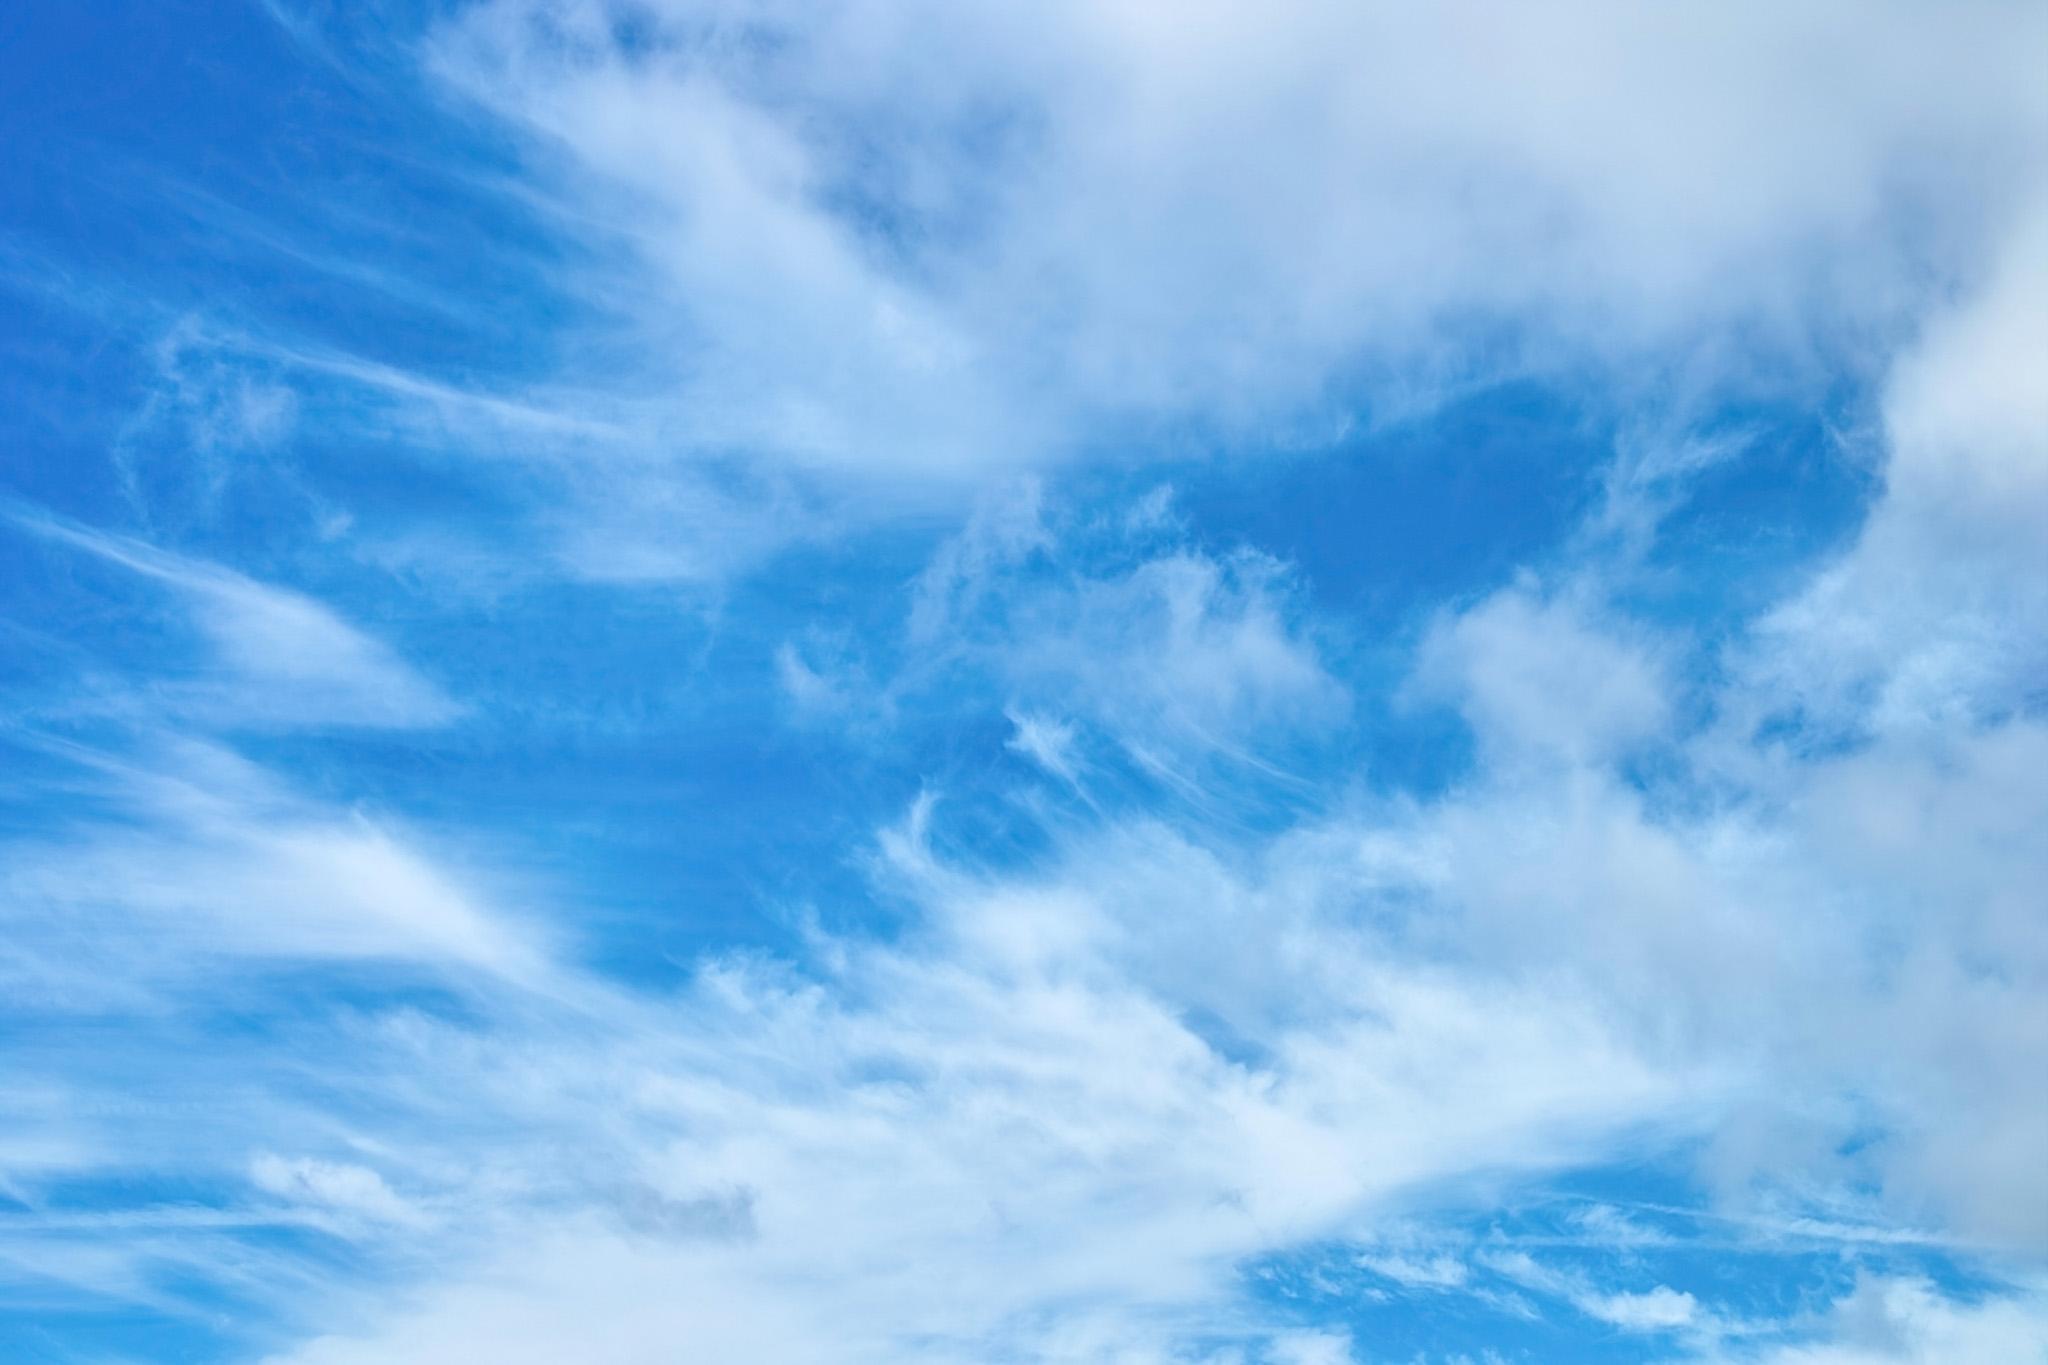 「空に筋を描く白い雲」